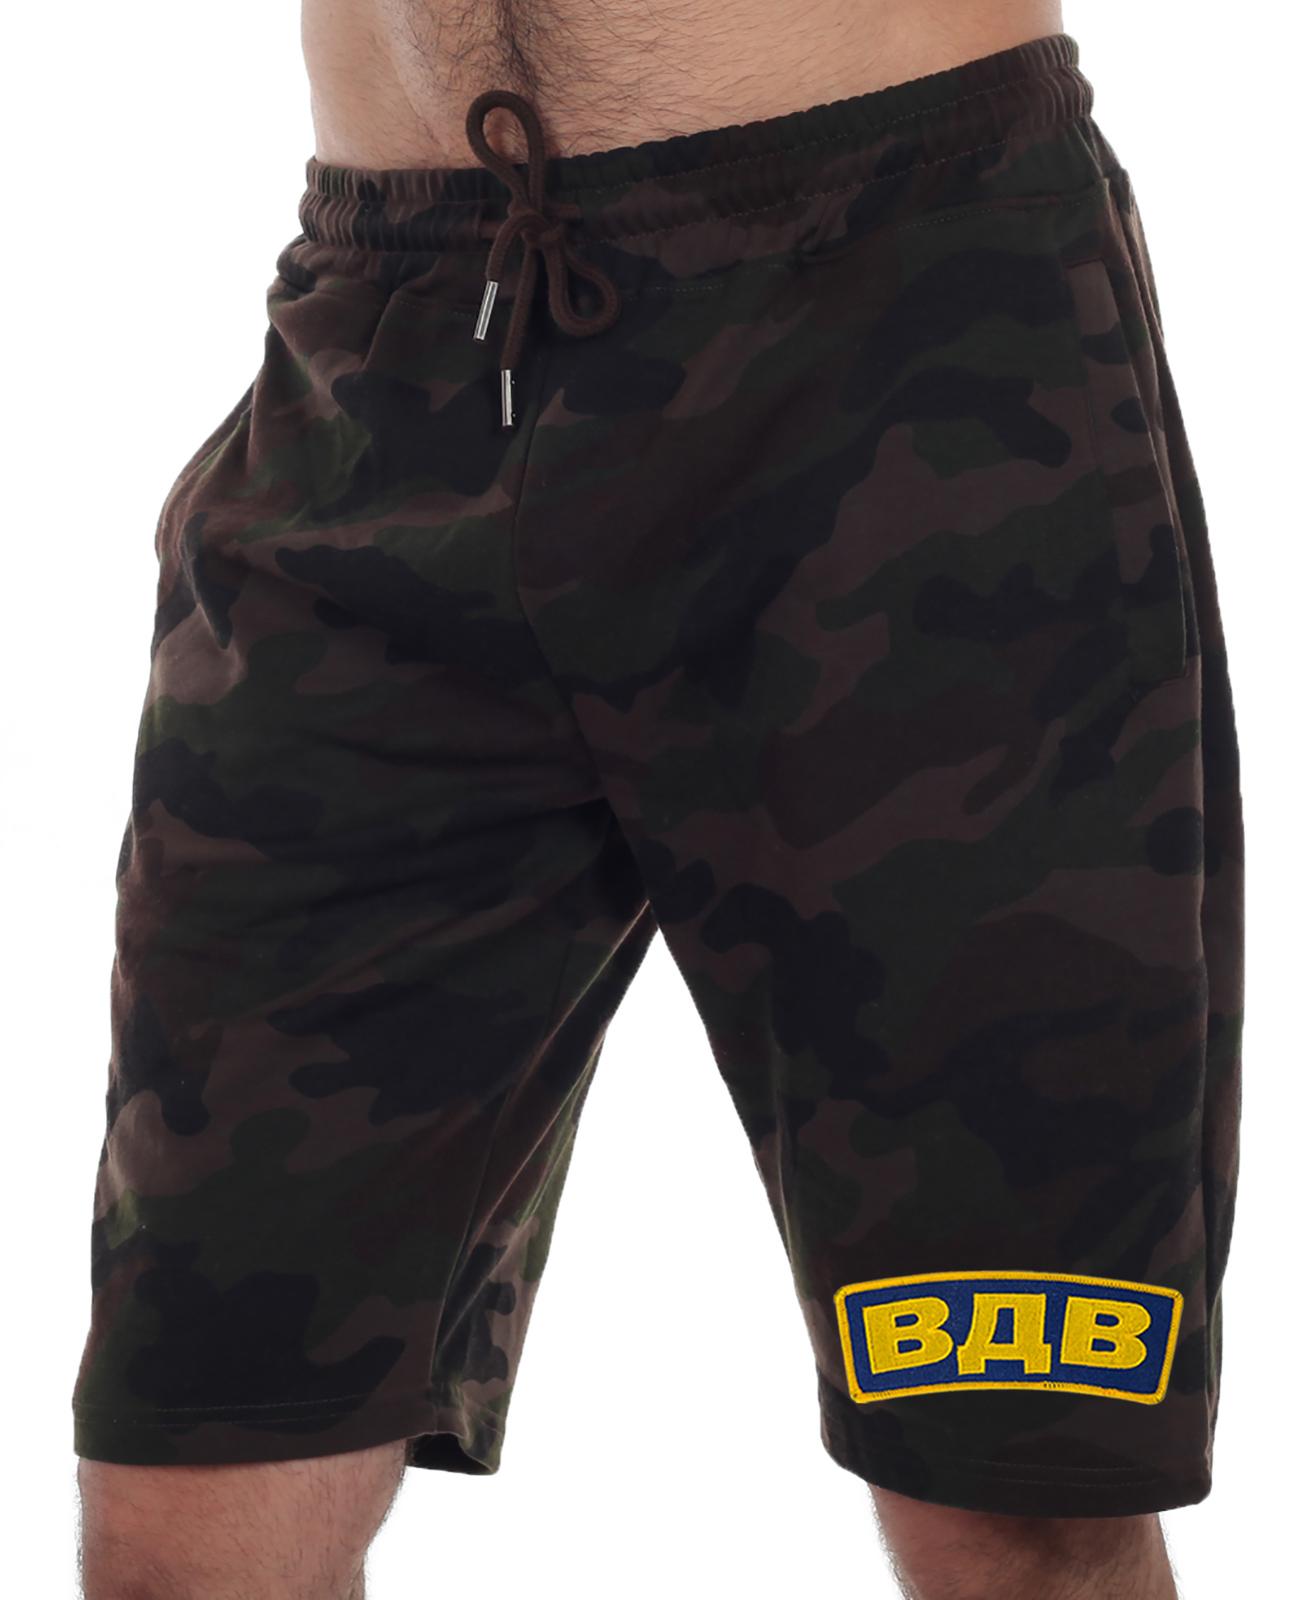 Купить в интернет магазине хлопковые мужски шорты на резинке